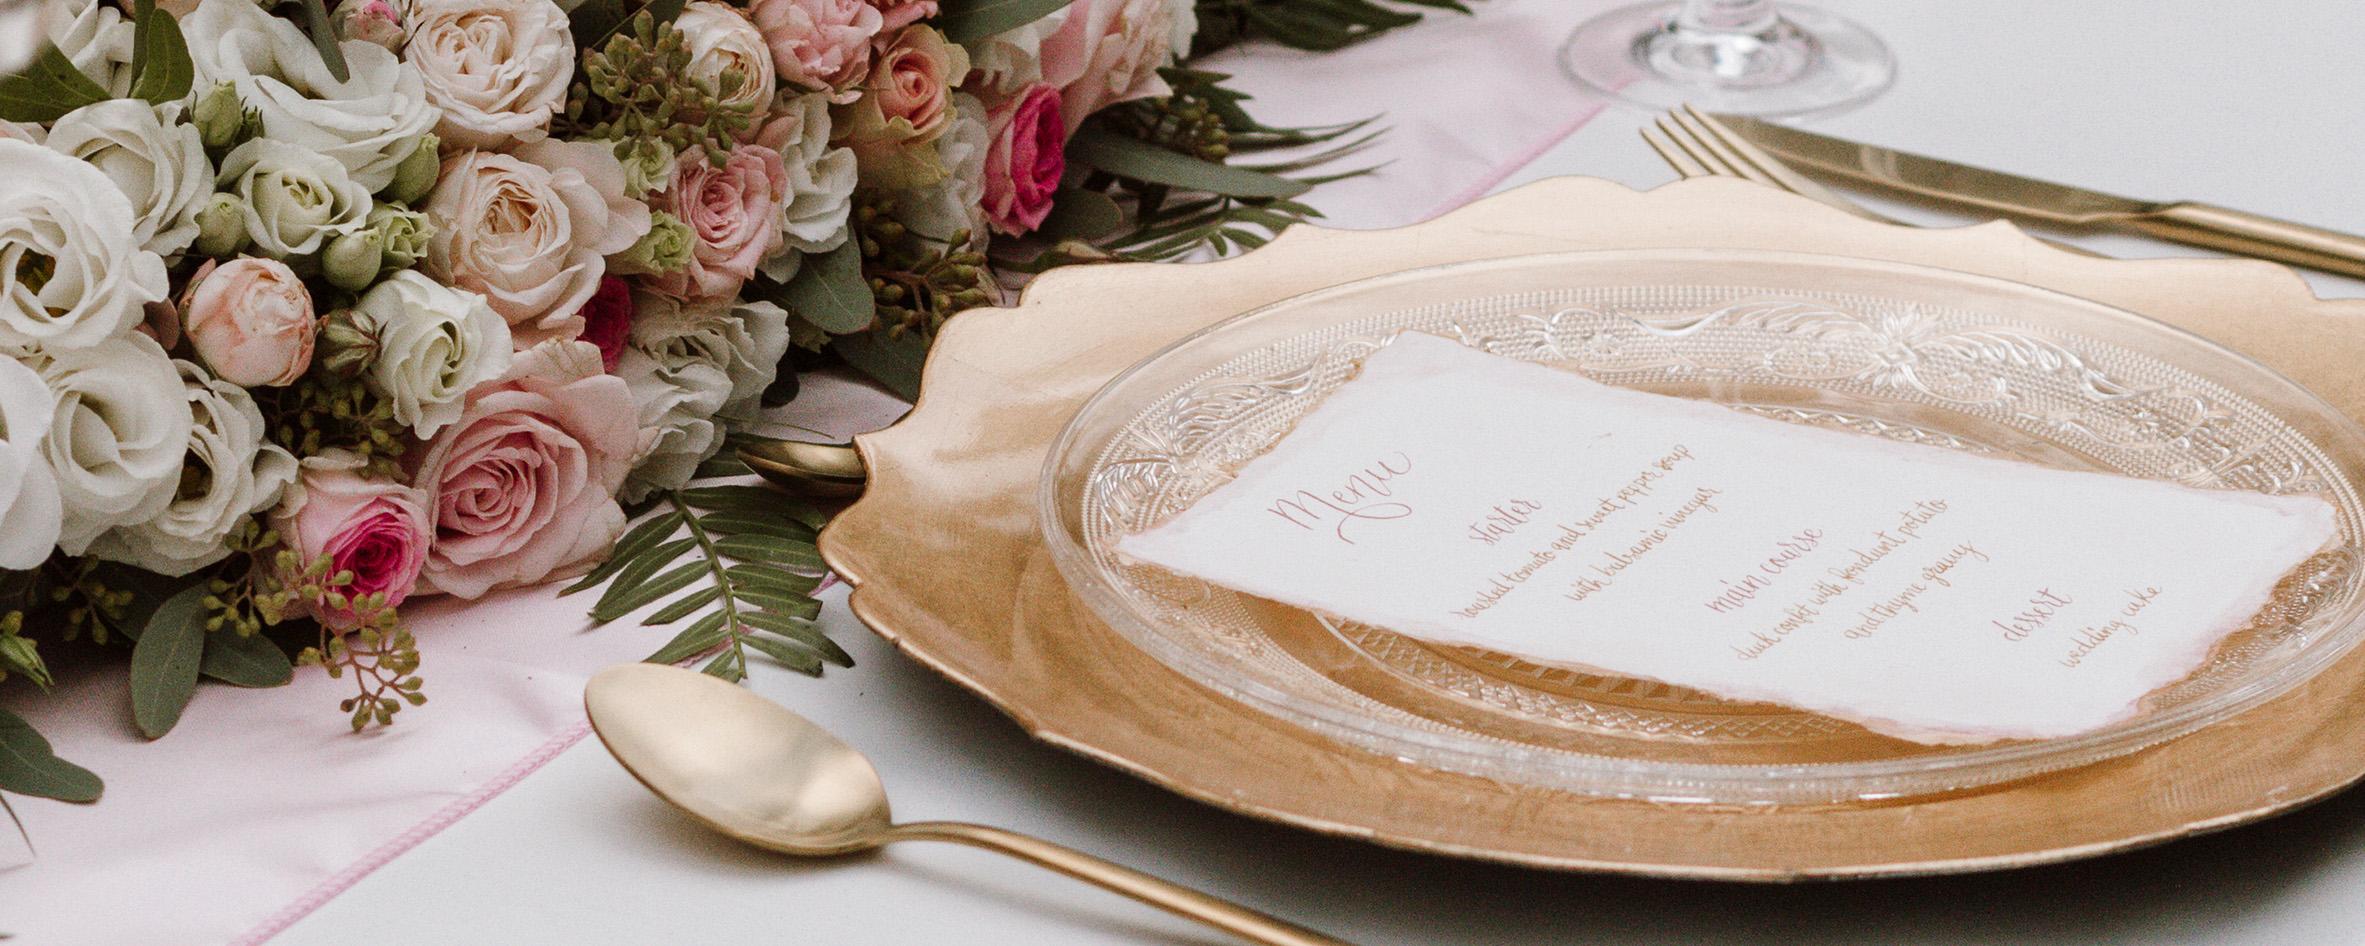 KUNDENANFERTIGUNGEN - Einzigartige Kreationen speziell designt nach Ihren Wünschen und abgestimmt auf Ihre Hochzeit.Teilen sie uns mit, was sie brauchen